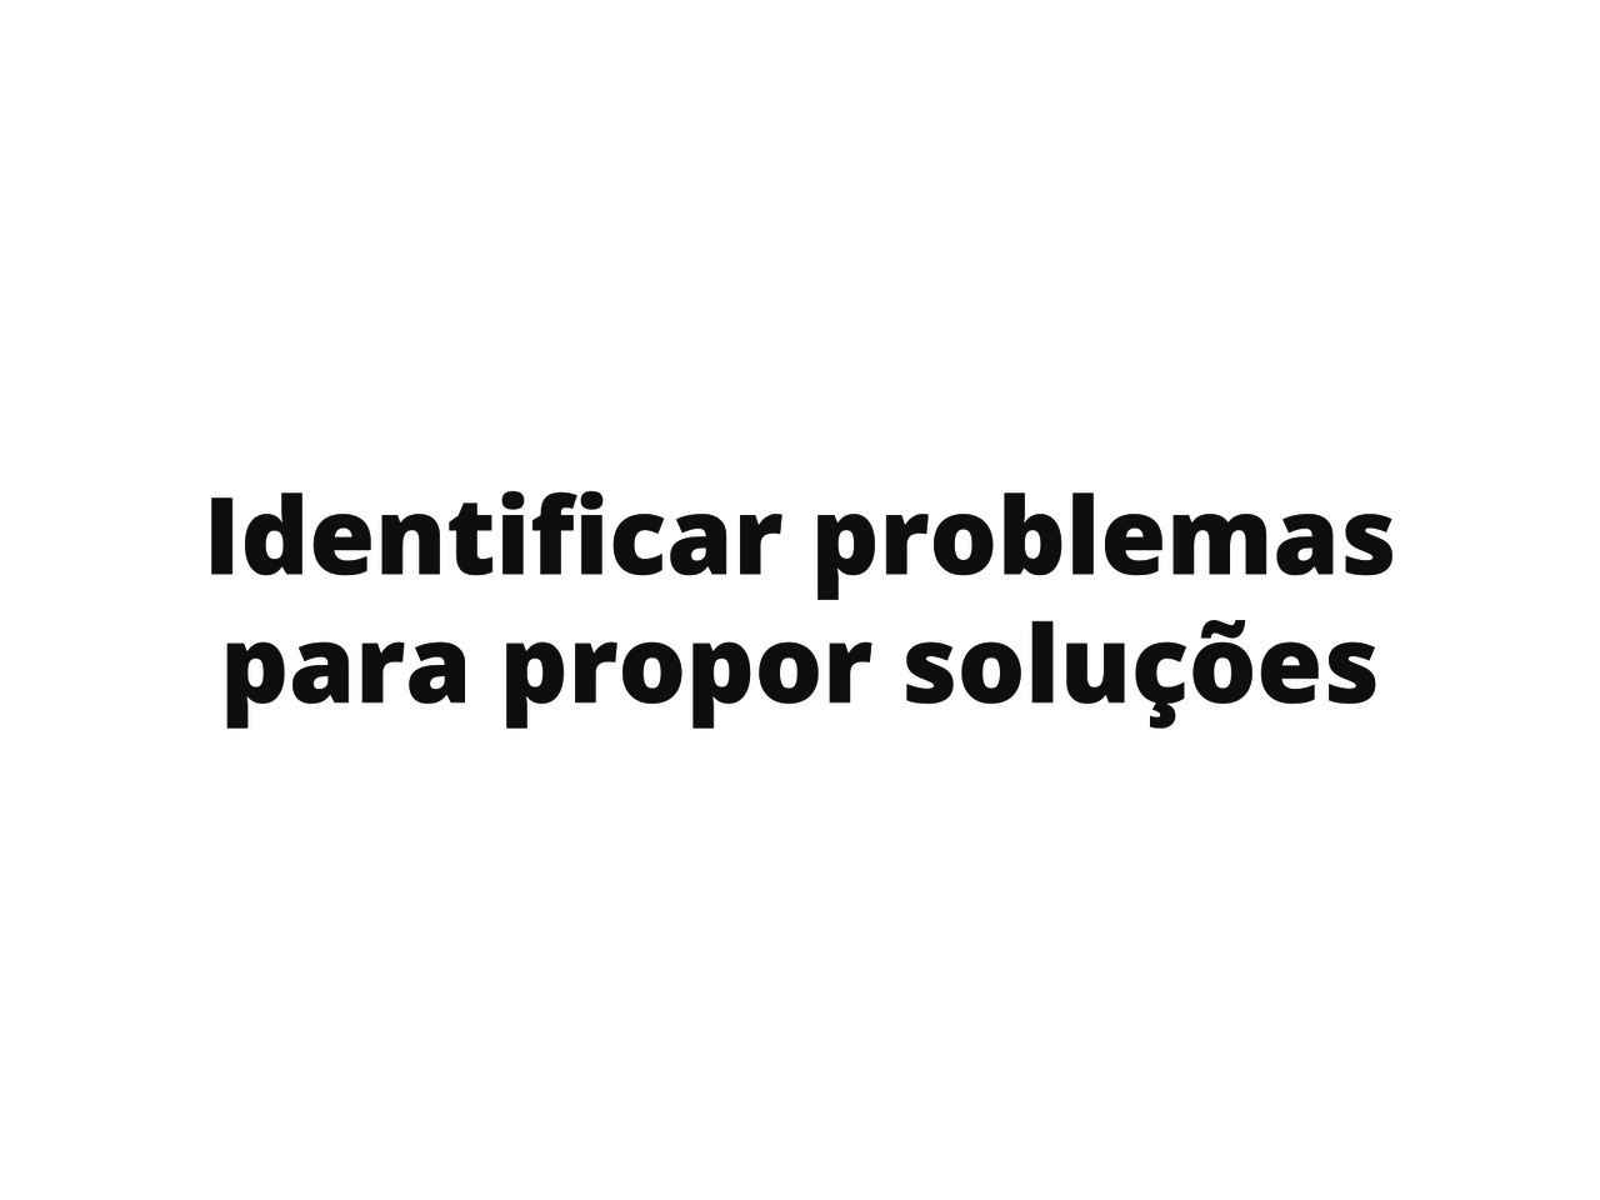 Identificando problemas e encontrando soluções